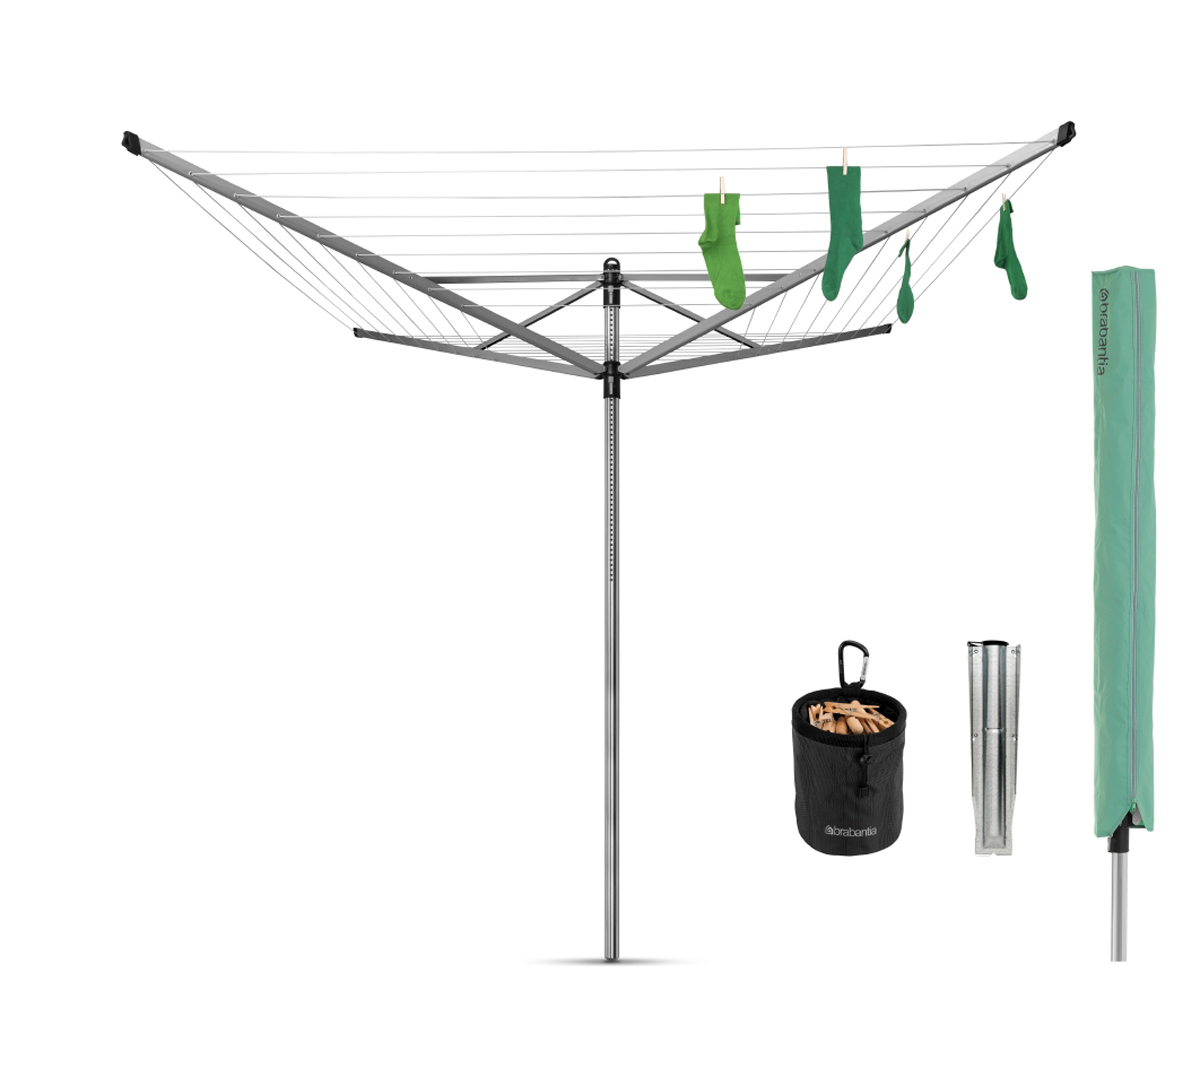 Сушилка Brabantia Lift-O-Matic, цвет: серый металлик, 60 м. 311321311321Навеска – 60 метров, максимальная нагрузка – 40 кг. Простой и удобный регулируемый «зонтичный» механизм сложения. Бесступенчатая регулировка на нужную высоту (129-187 см). Нет необходимости обходить сушилку – направляющие плавно поворачиваются. Всегда туго натянутые веревки – регулировка натяжения в трех положениях. Нижнее положение идеально подходит для сушки подушек. Бельевые веревки устойчивы к действию УФ и имеют нескользящий профиль. При необходимости удобная замена каждой веревки по отдельности. На всех направляющих предусмотрены специальные отверстия для плечиков. Удобна в хранении – прочная петелька для подвешивания. В комплекте: чехол, мешок для прищепок, прищепки, металлическое основание для установки сушилки (диаметр 45). Металлическое основание позволяет устанавливать сушилку без бетона. Отдельно предлагается пластиковое основание для установки в бетон.